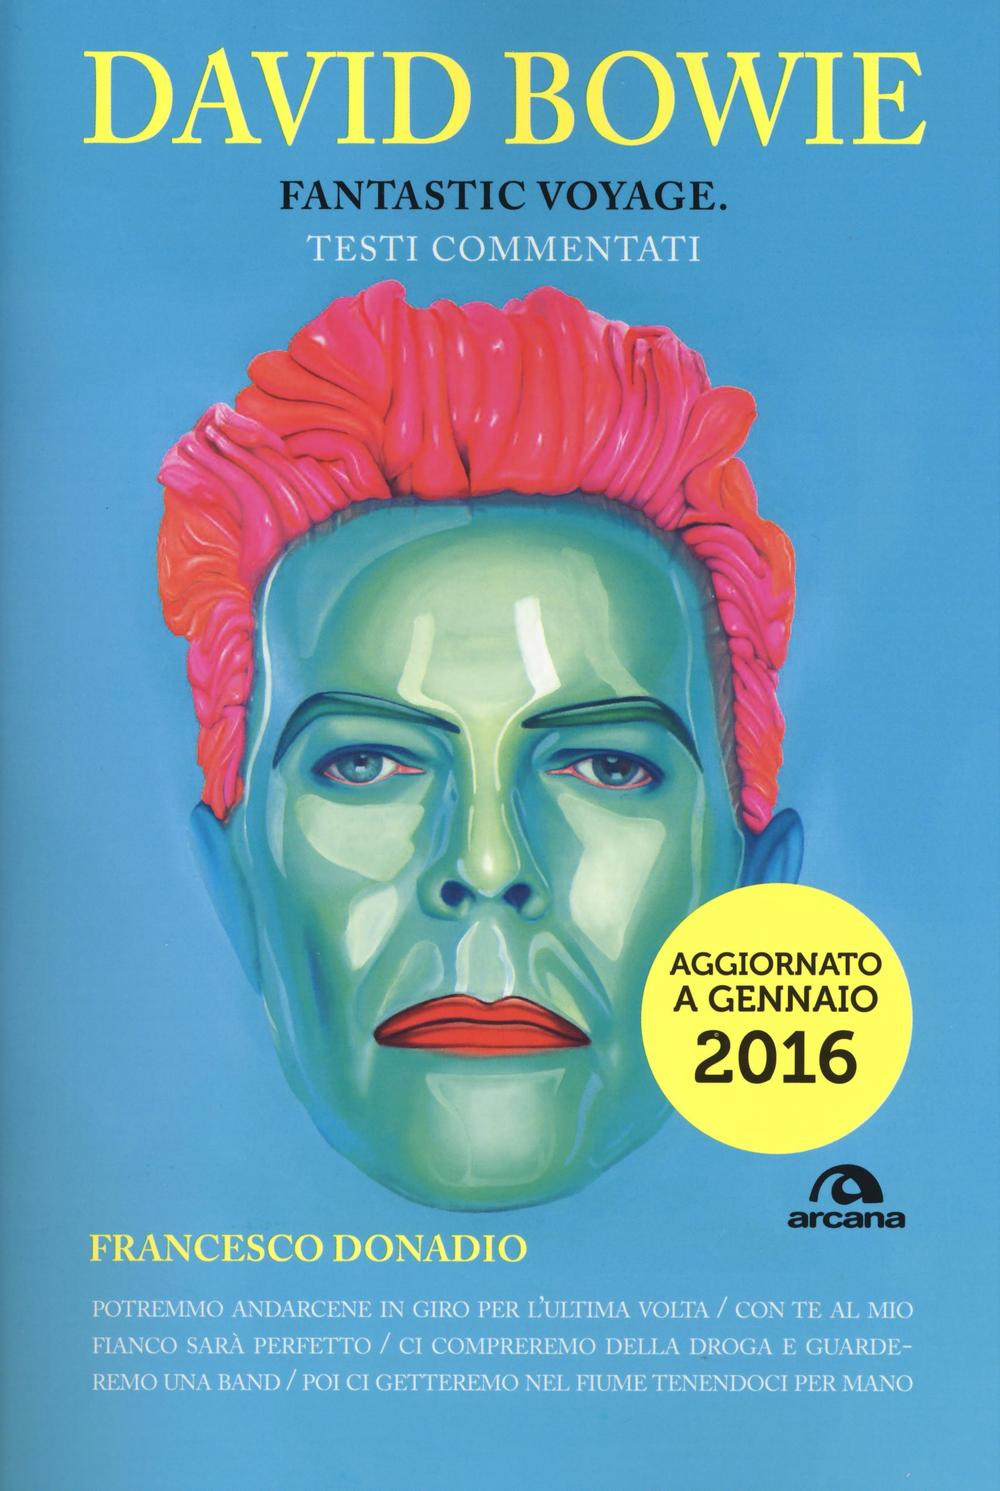 David Bowie. Fantastic voyage